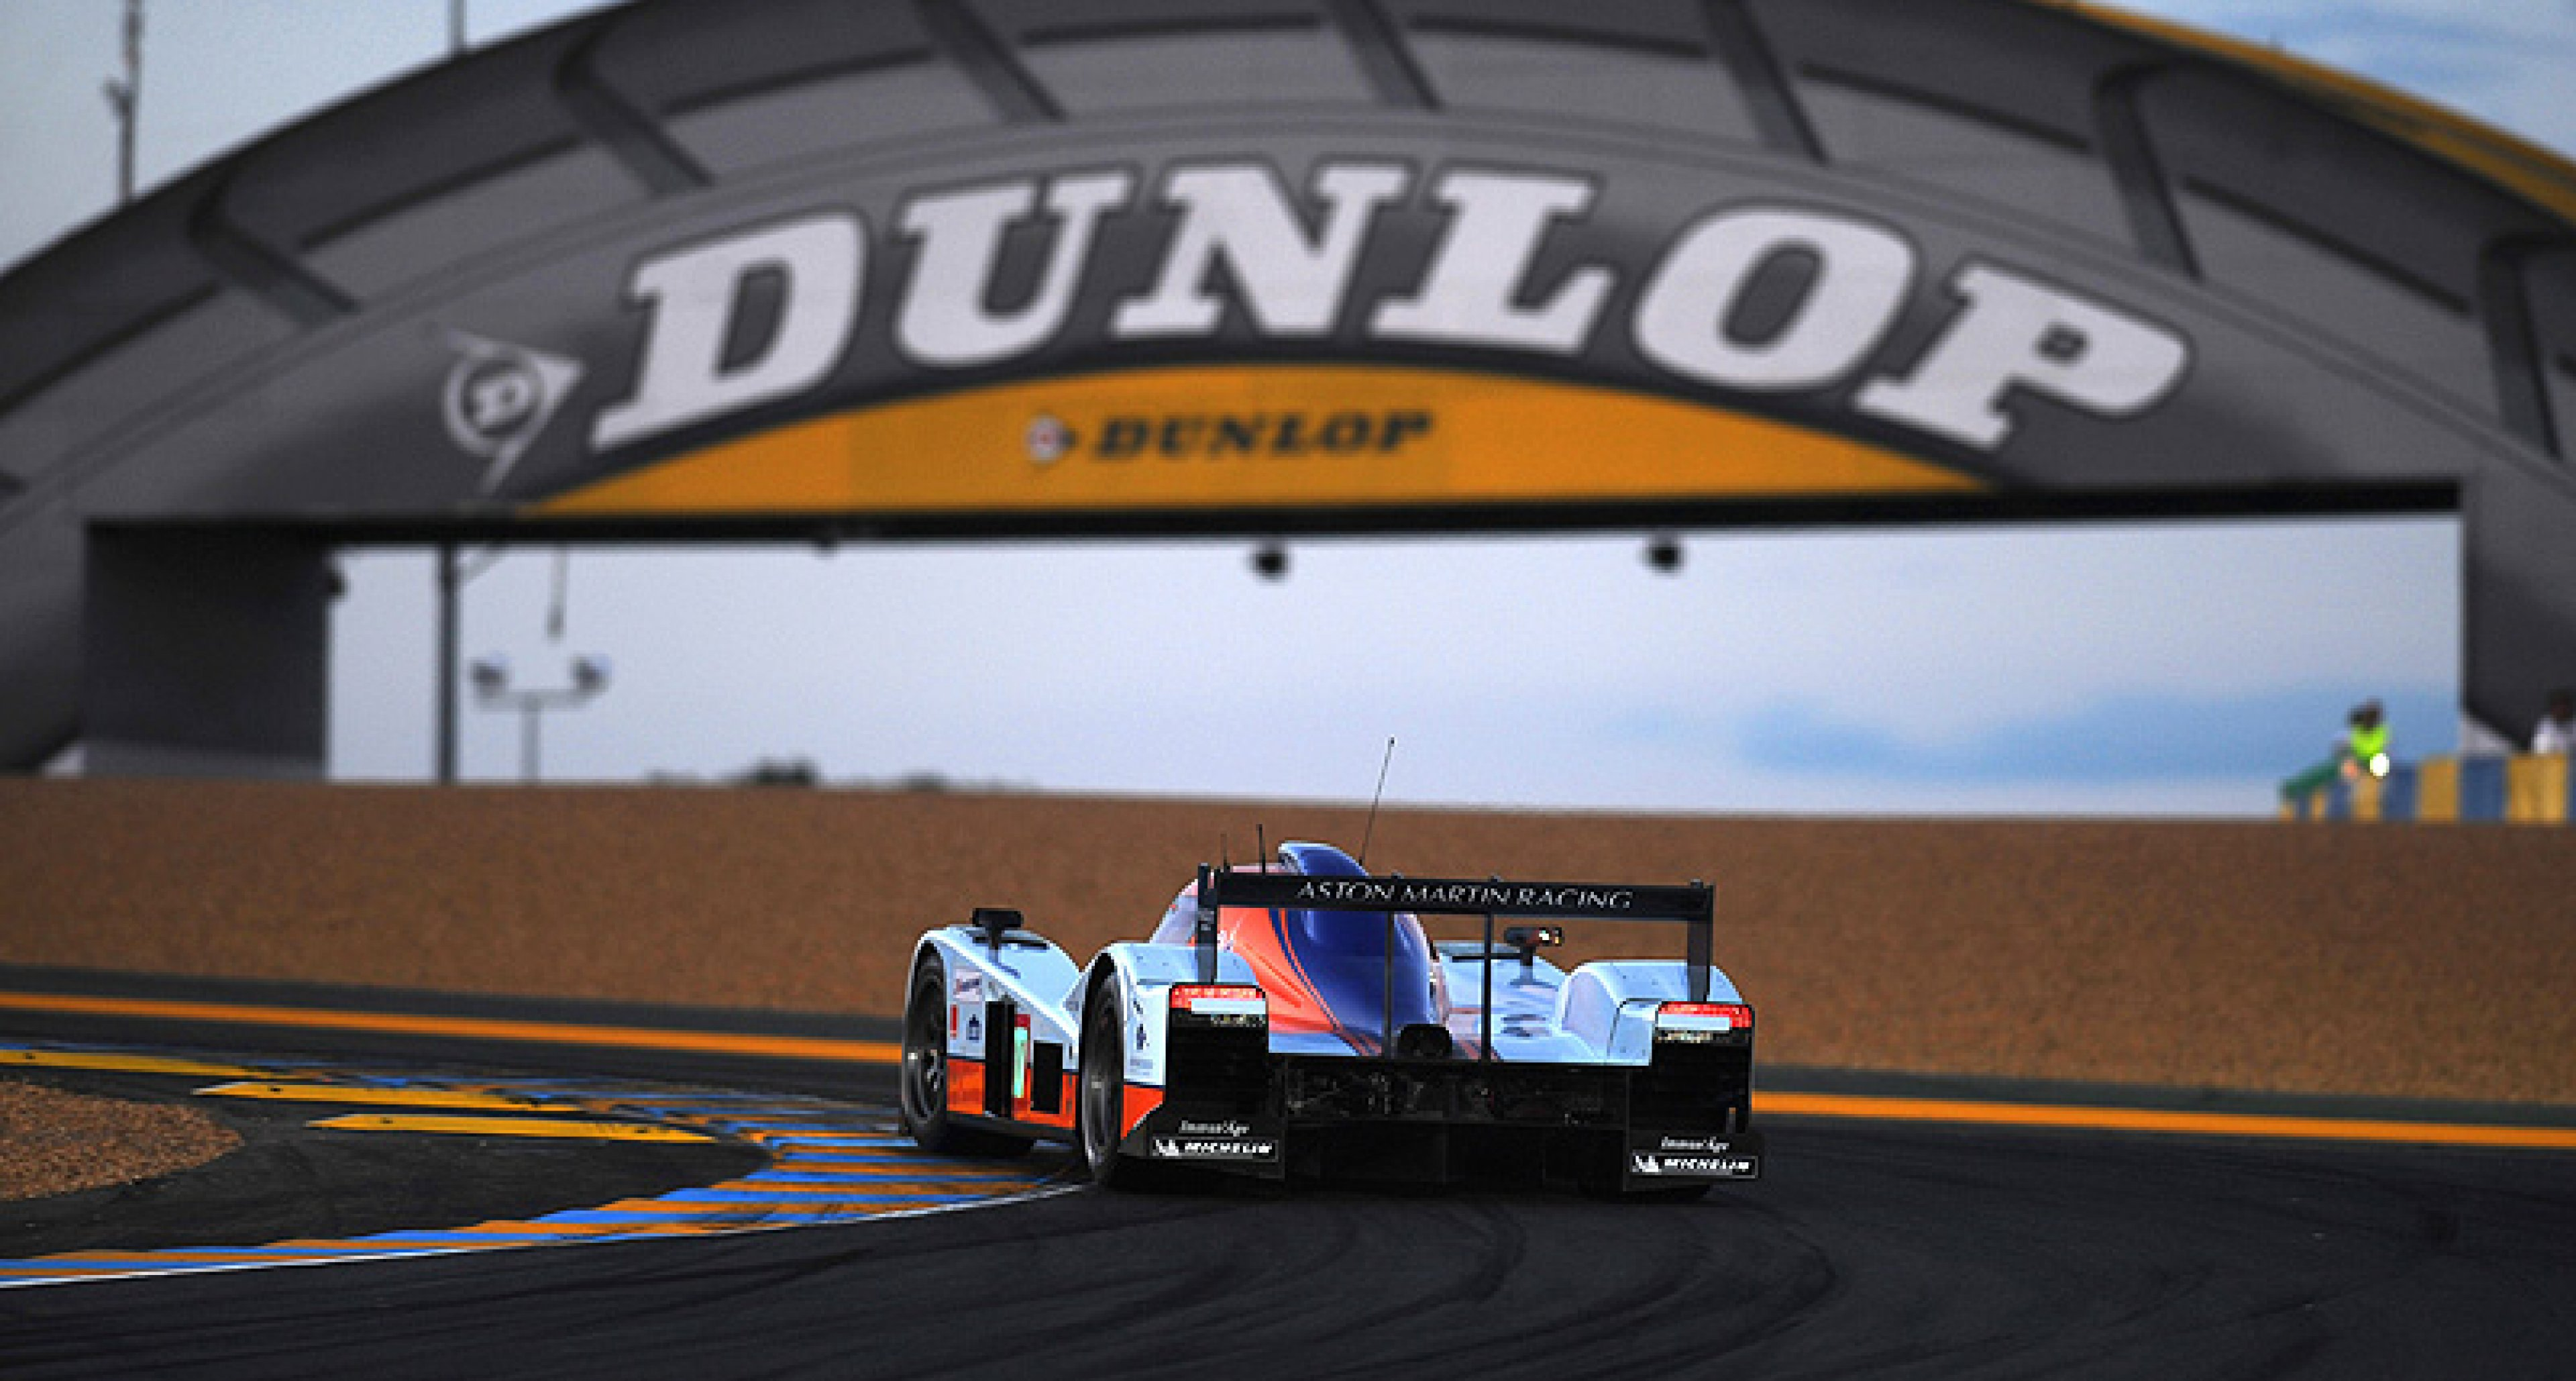 24 Heures du Mans 2010: Audi versus Peugeot